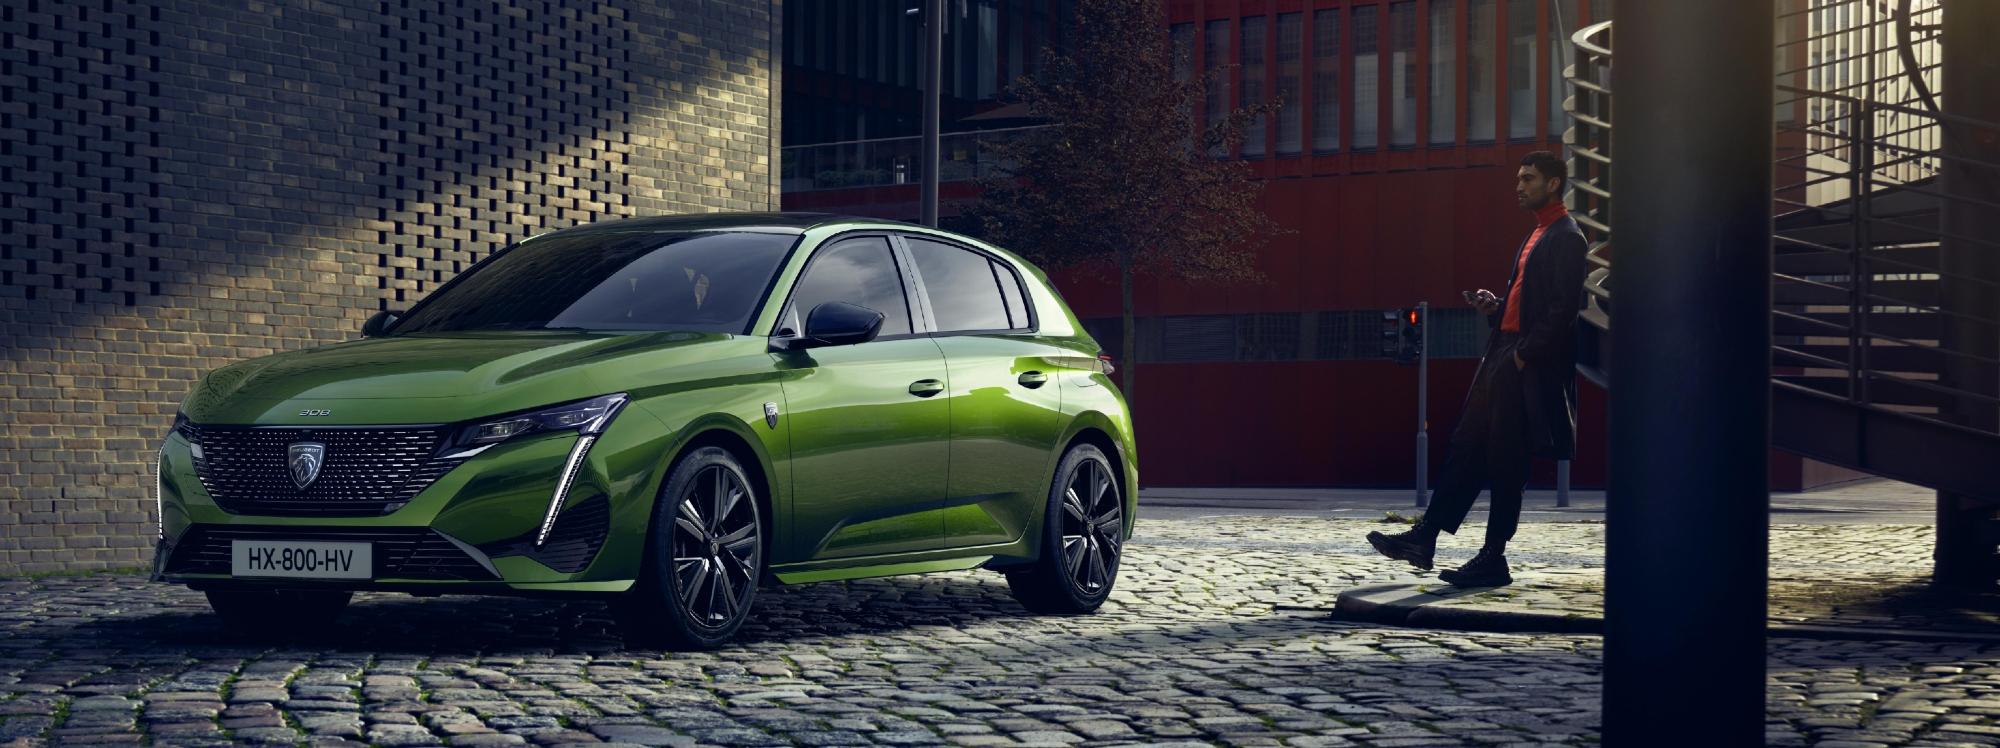 La nueva cara de Peugeot, el modelo 08